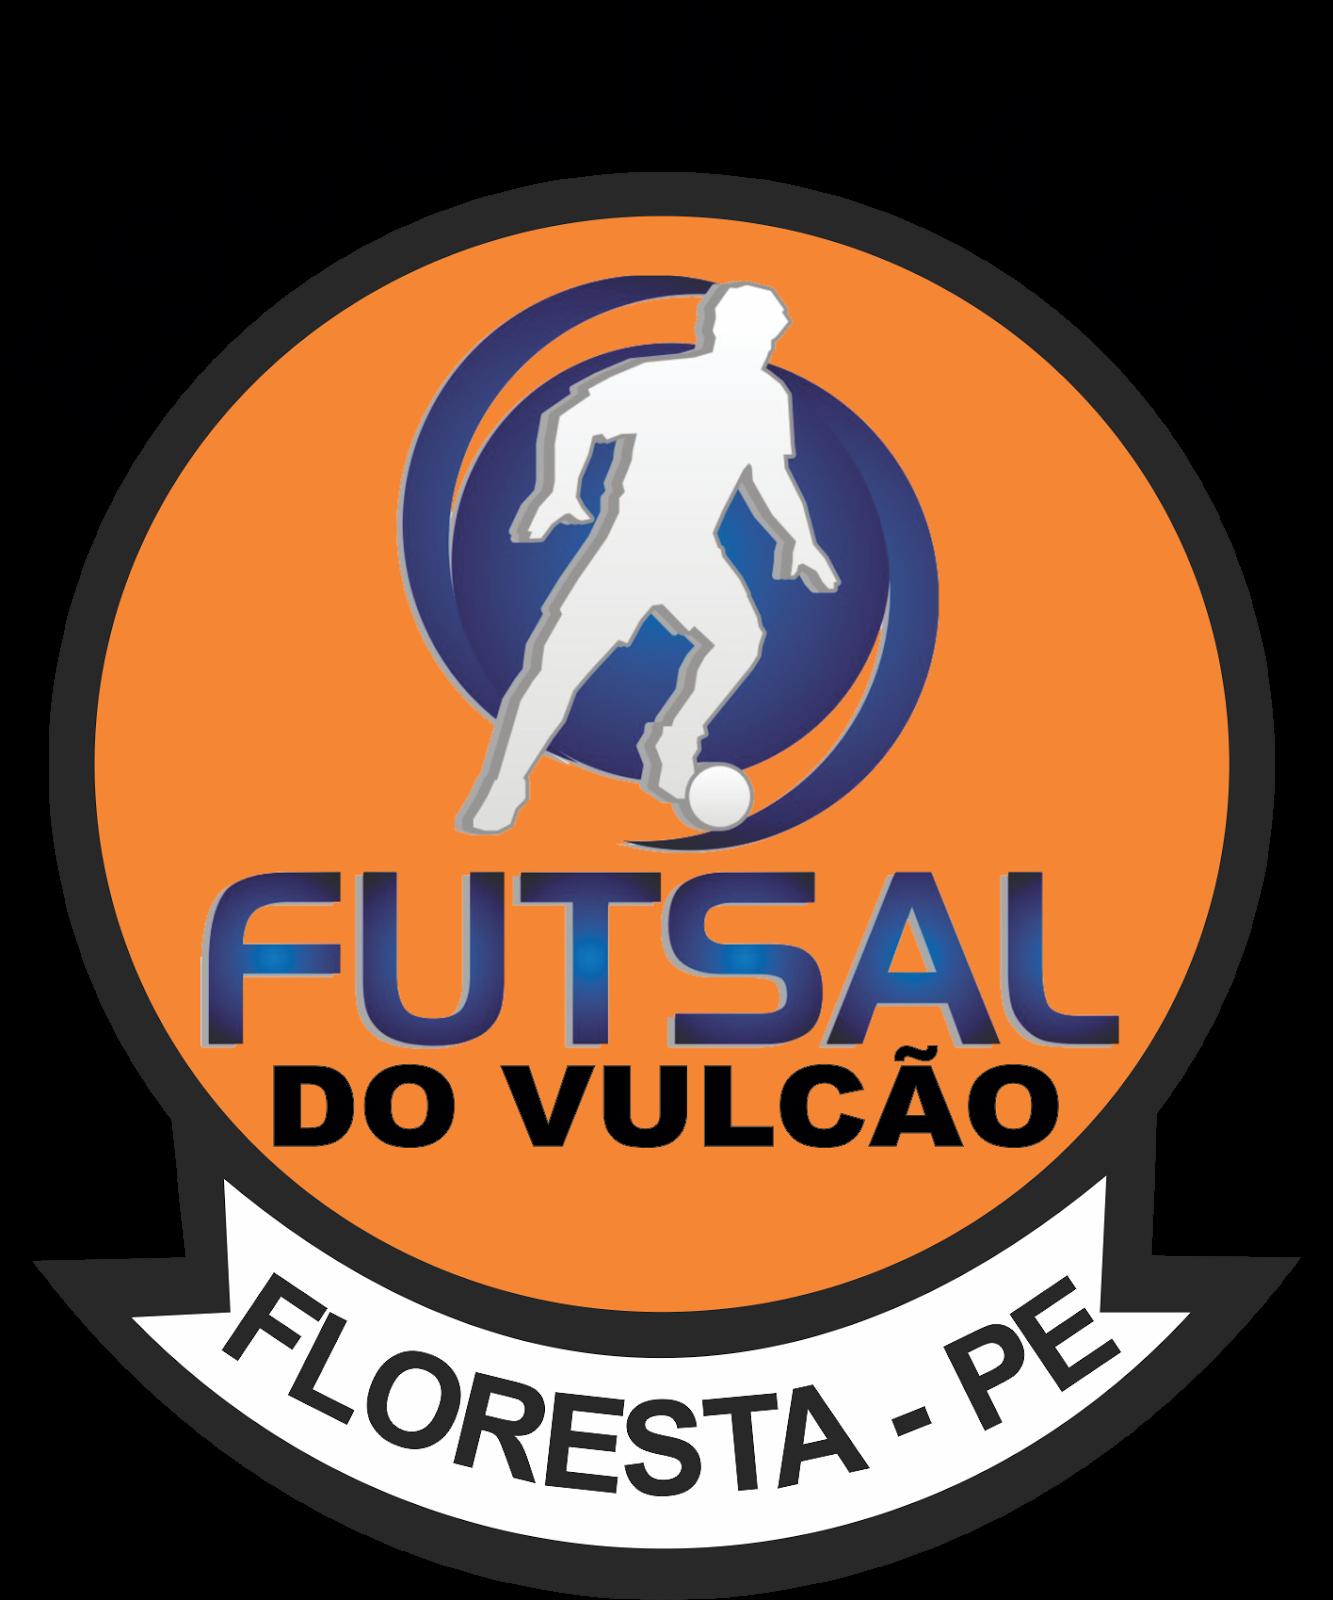 ESCOLINHA DE FUTSAL DO VULCÃO